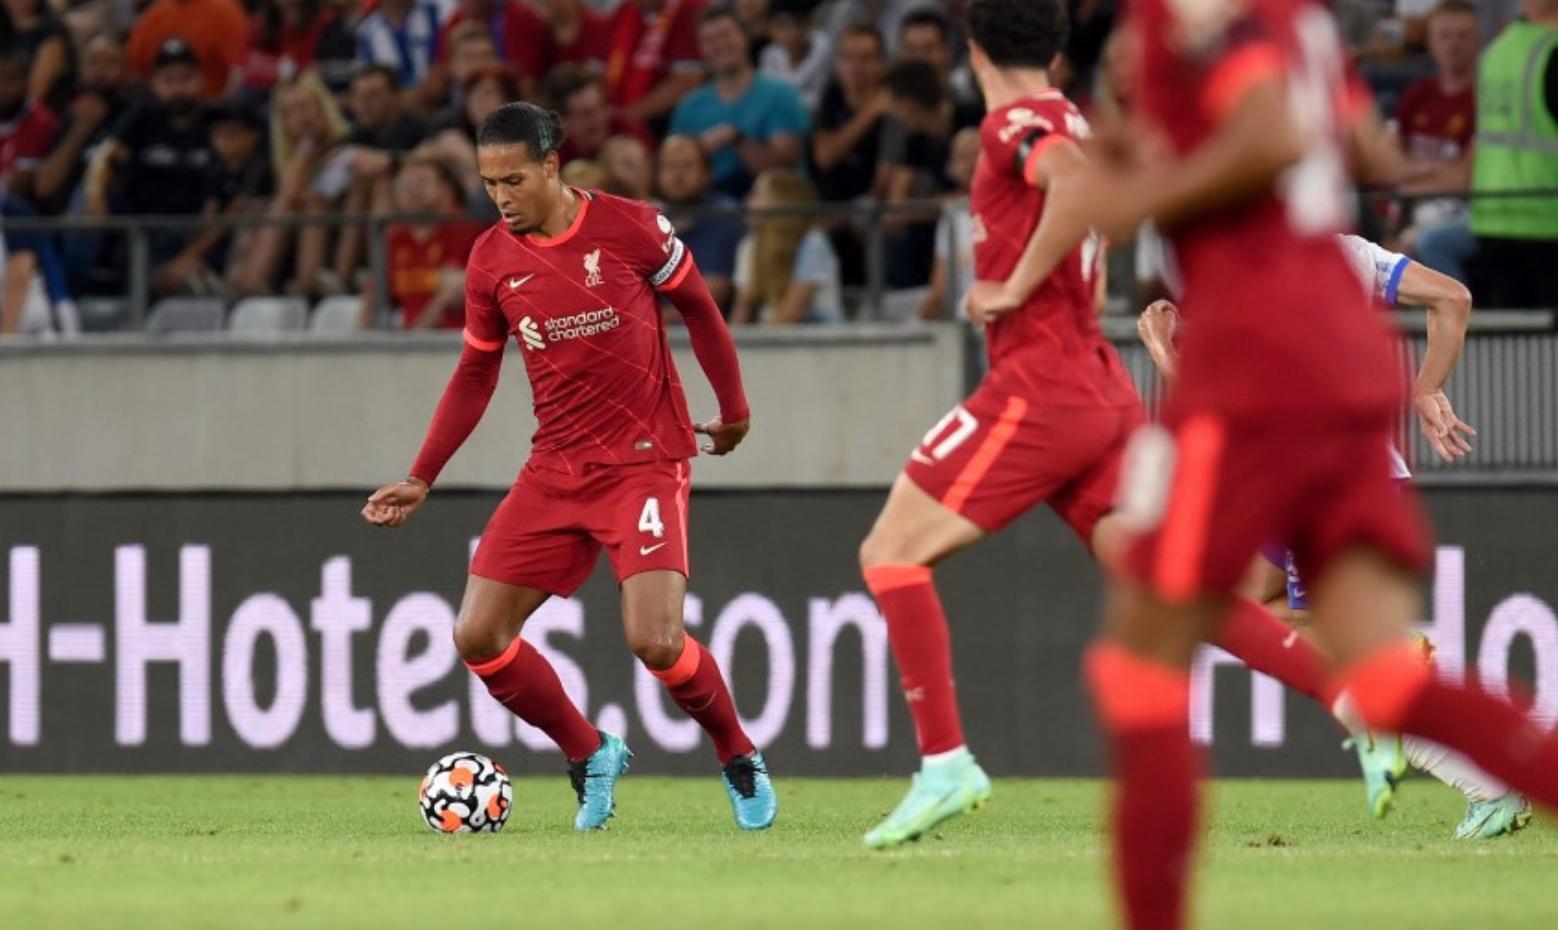 """Van Dijk เป็นหนึ่งใน 13 การเปลี่ยนแปลงที่ Klopp ทำในครึ่งหลัง  ภาพถ่าย: """"Liverpool FC ."""""""